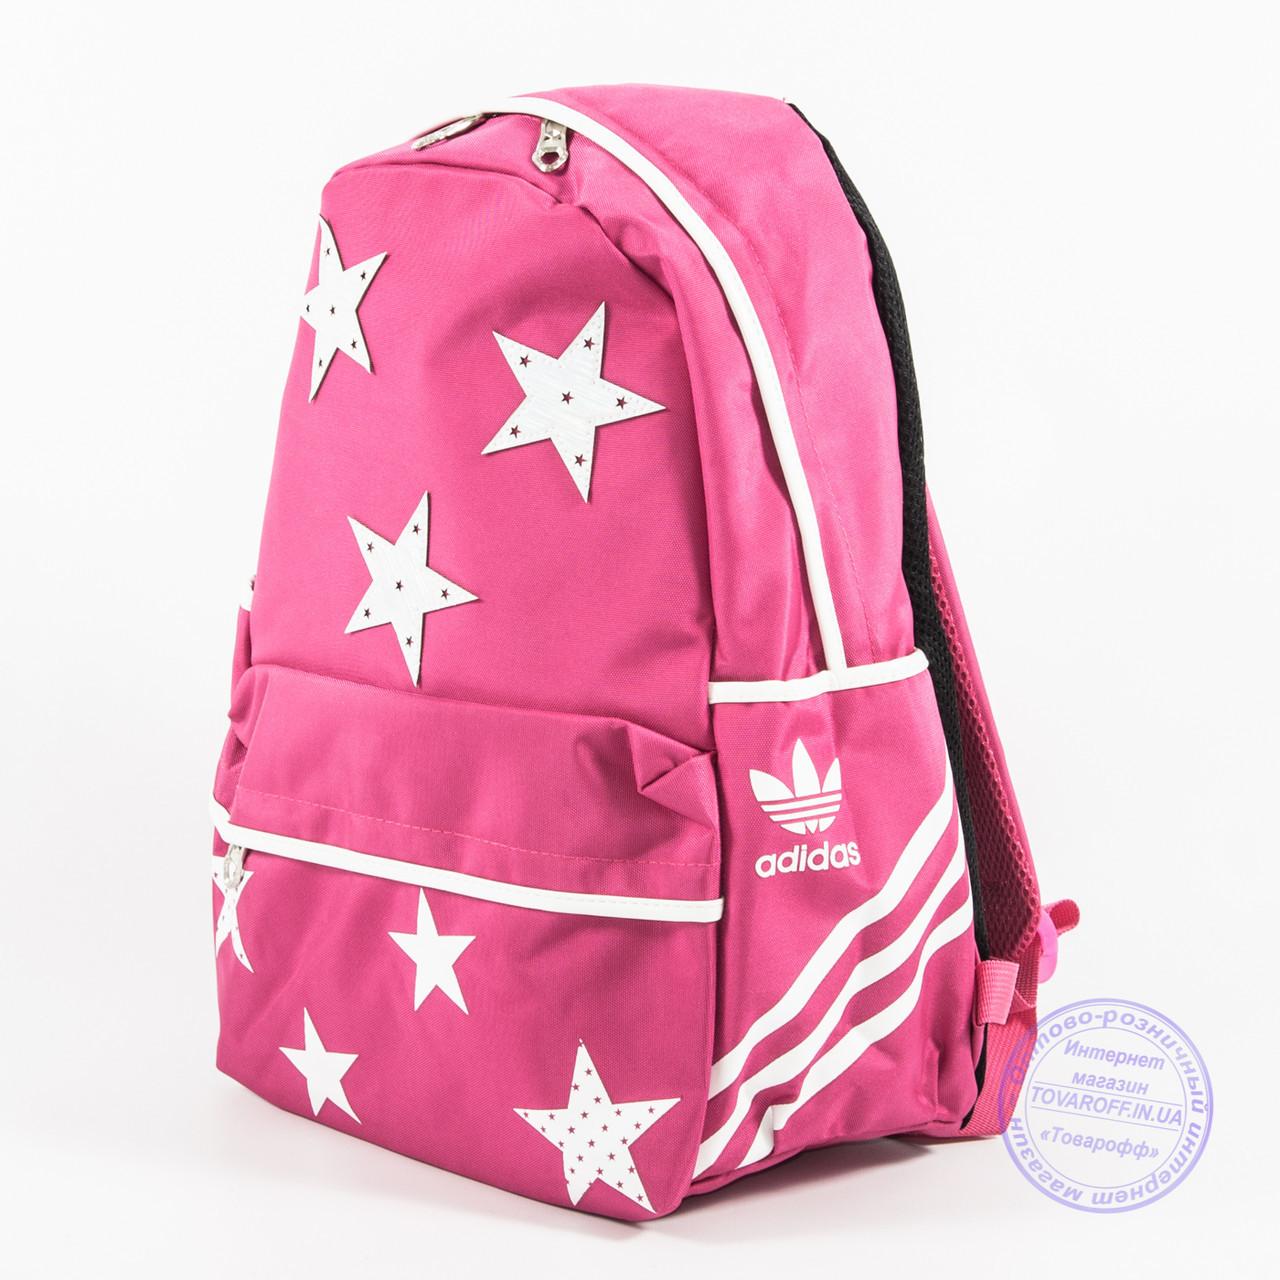 Оптом спортивный рюкзак Adidas - розовый - 2036